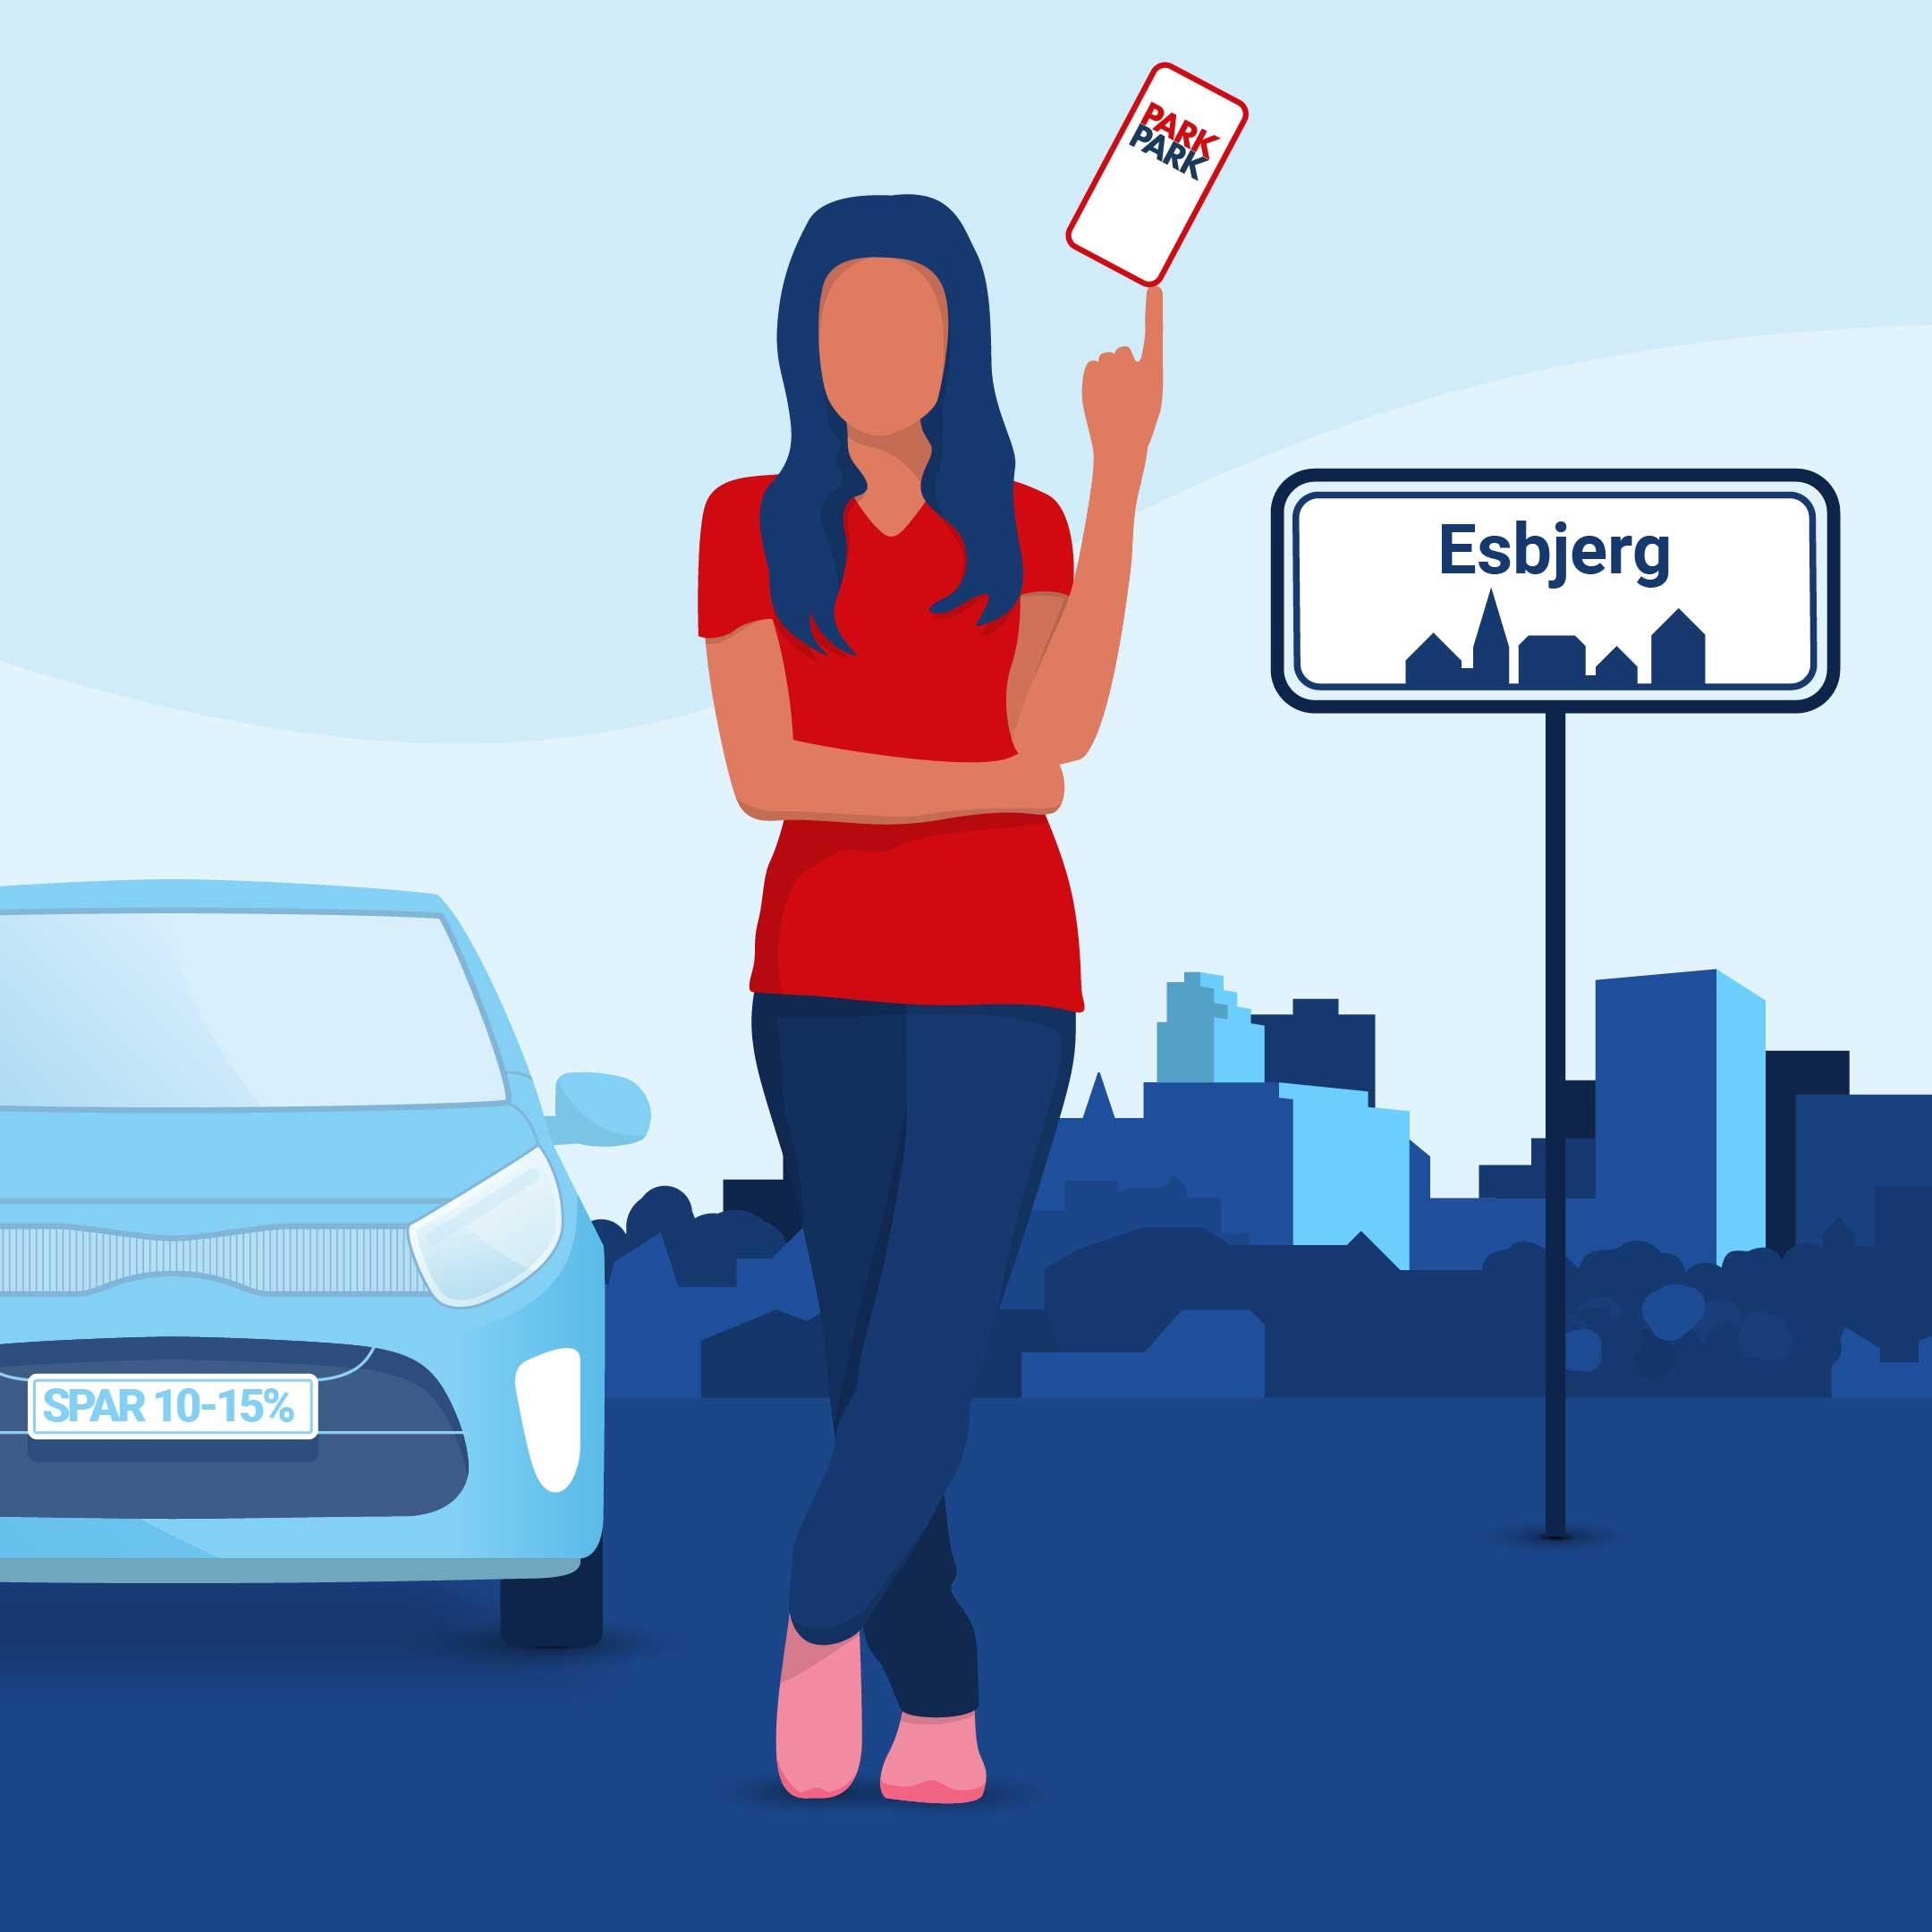 Nyheder - Danmarks billigste parkerings-app indtager Esbjerg